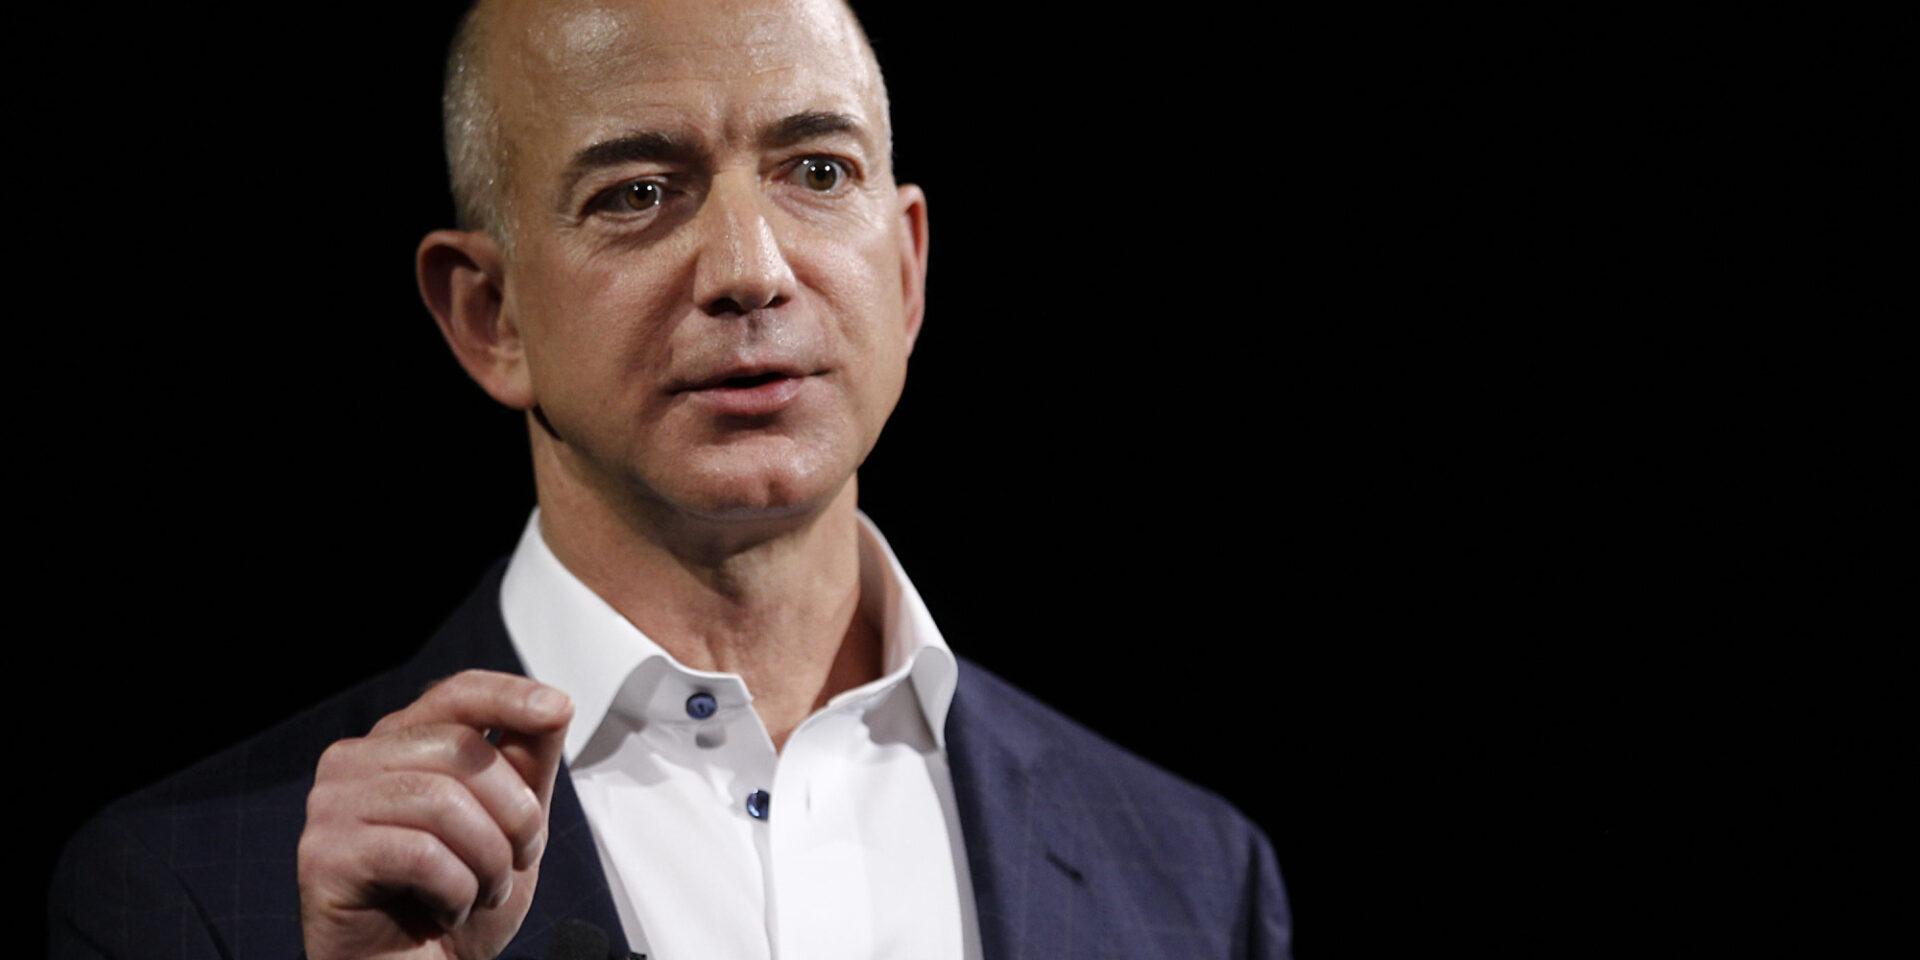 O que levou Jeff Bezos a deixar a liderança da Amazon?